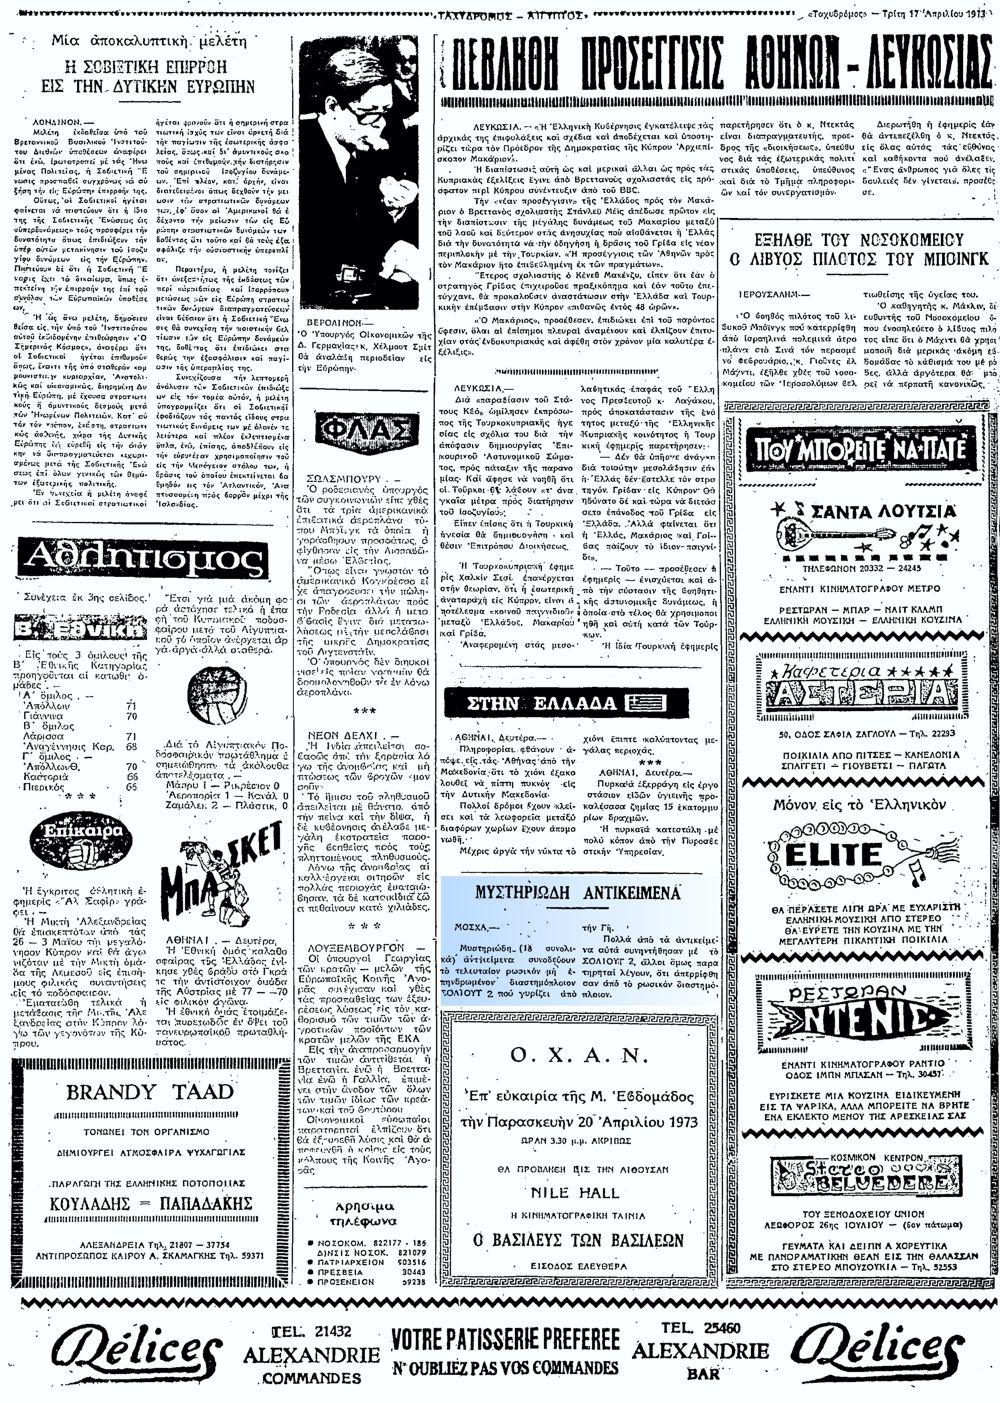 """Το άρθρο, όπως δημοσιεύθηκε στην εφημερίδα """"ΤΑΧΥΔΡΟΜΟΣ"""", στις 17/04/1973"""